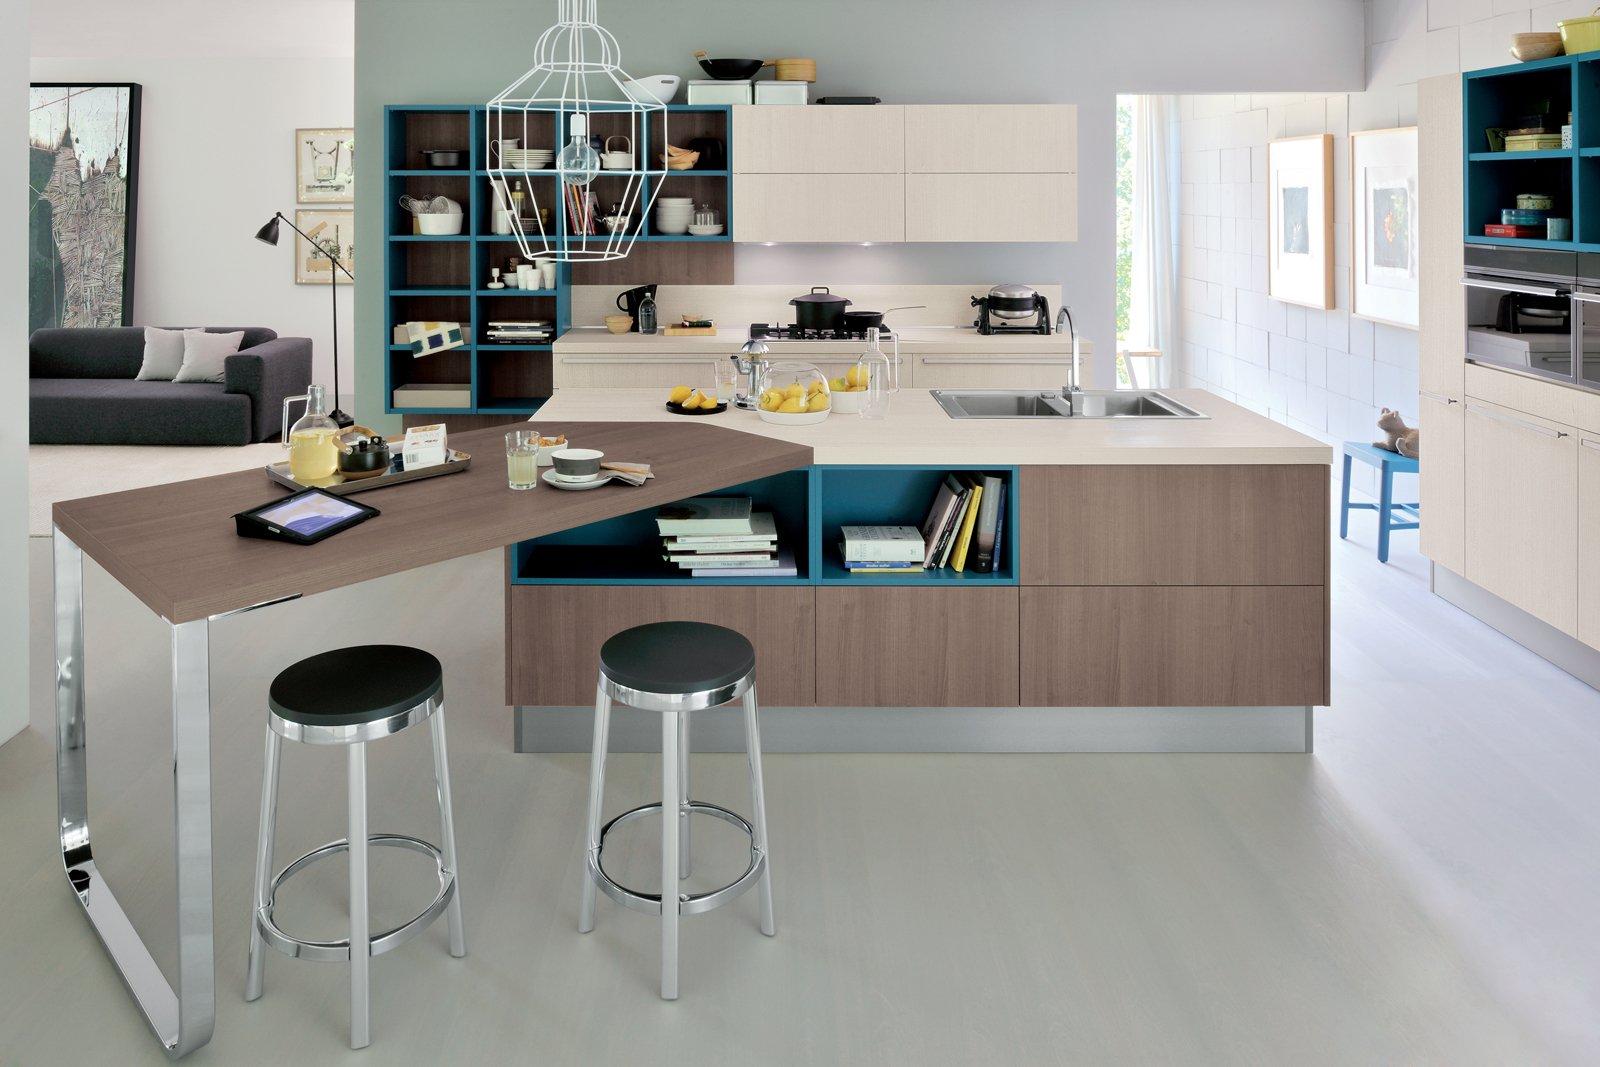 Bancone da cucina ikea - Ikea barra cucina ...